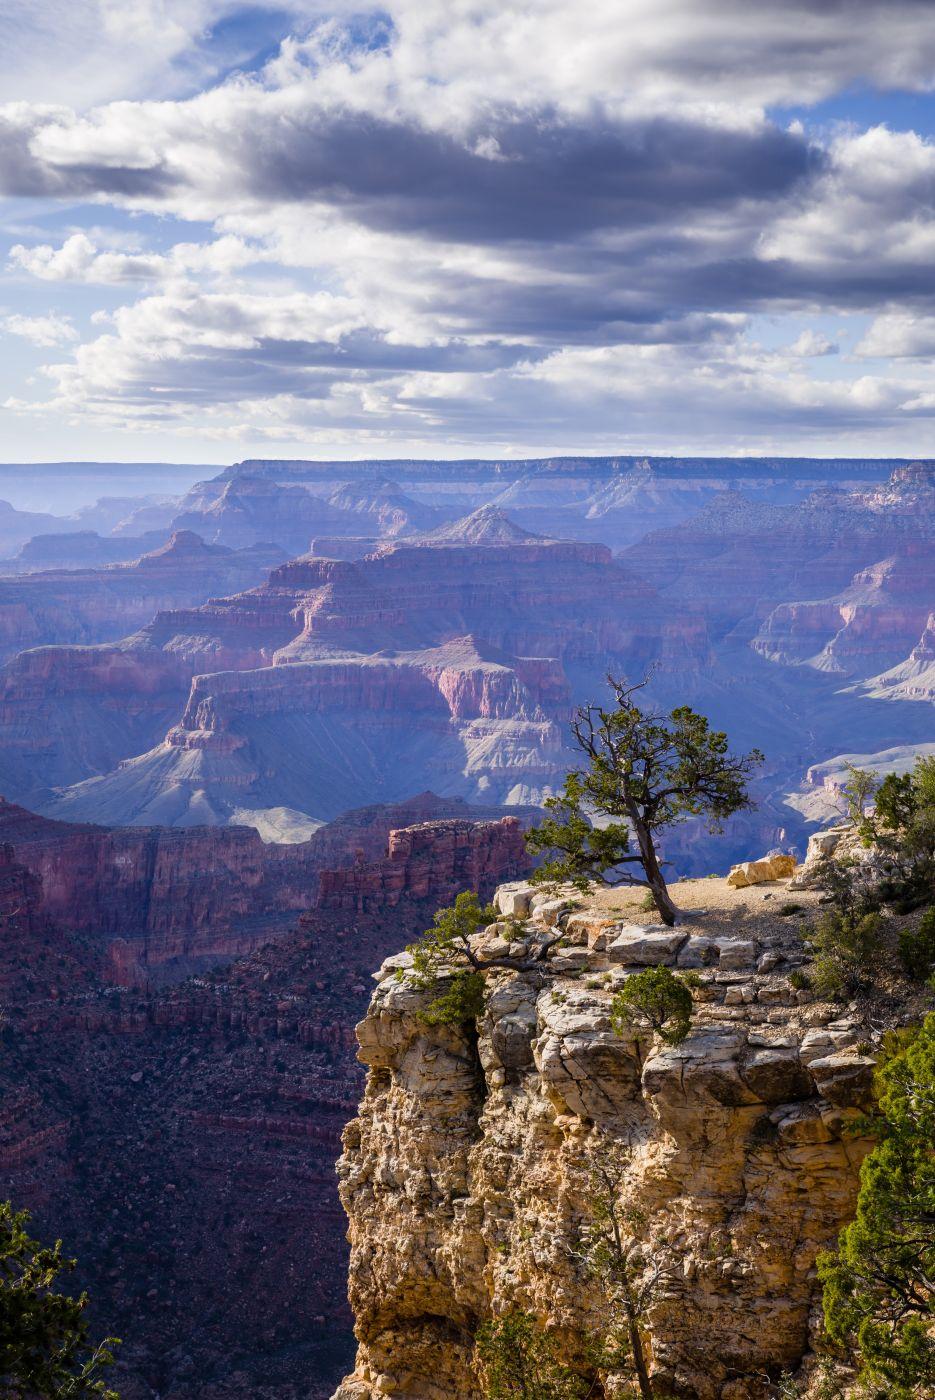 Grand Canyon Tree View, USA